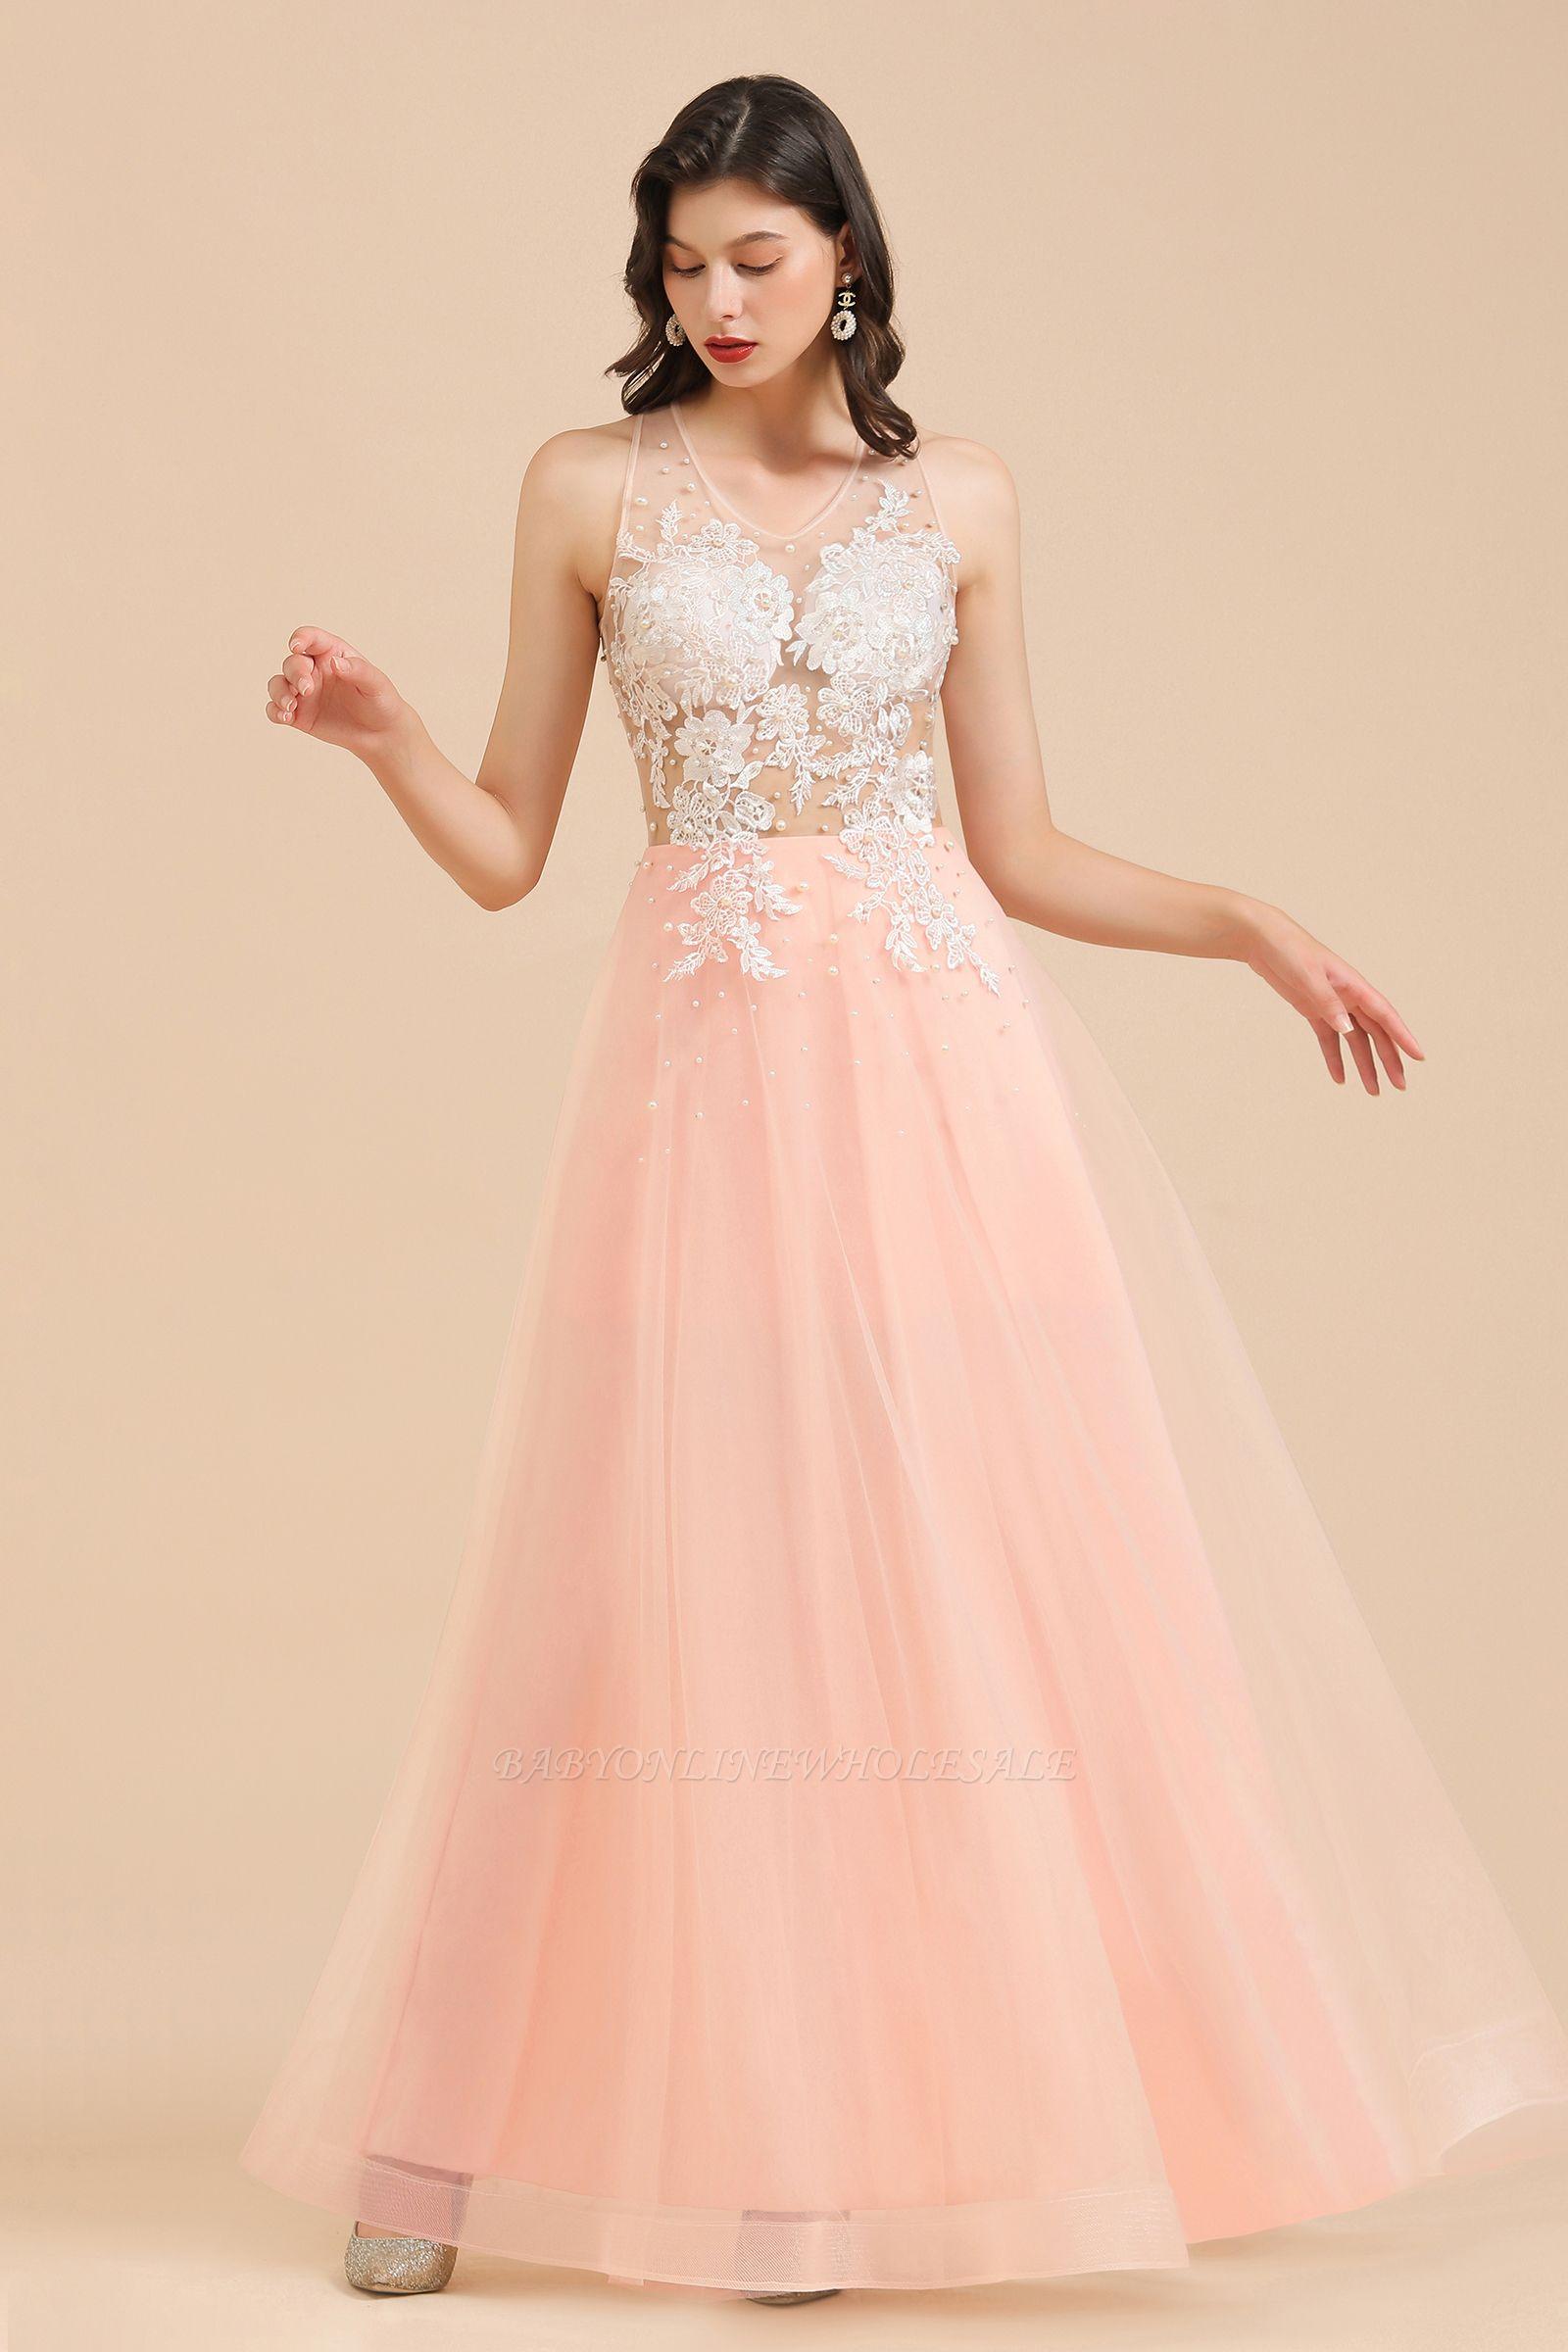 Vestido de noite simples com decote redondo em renda rosa